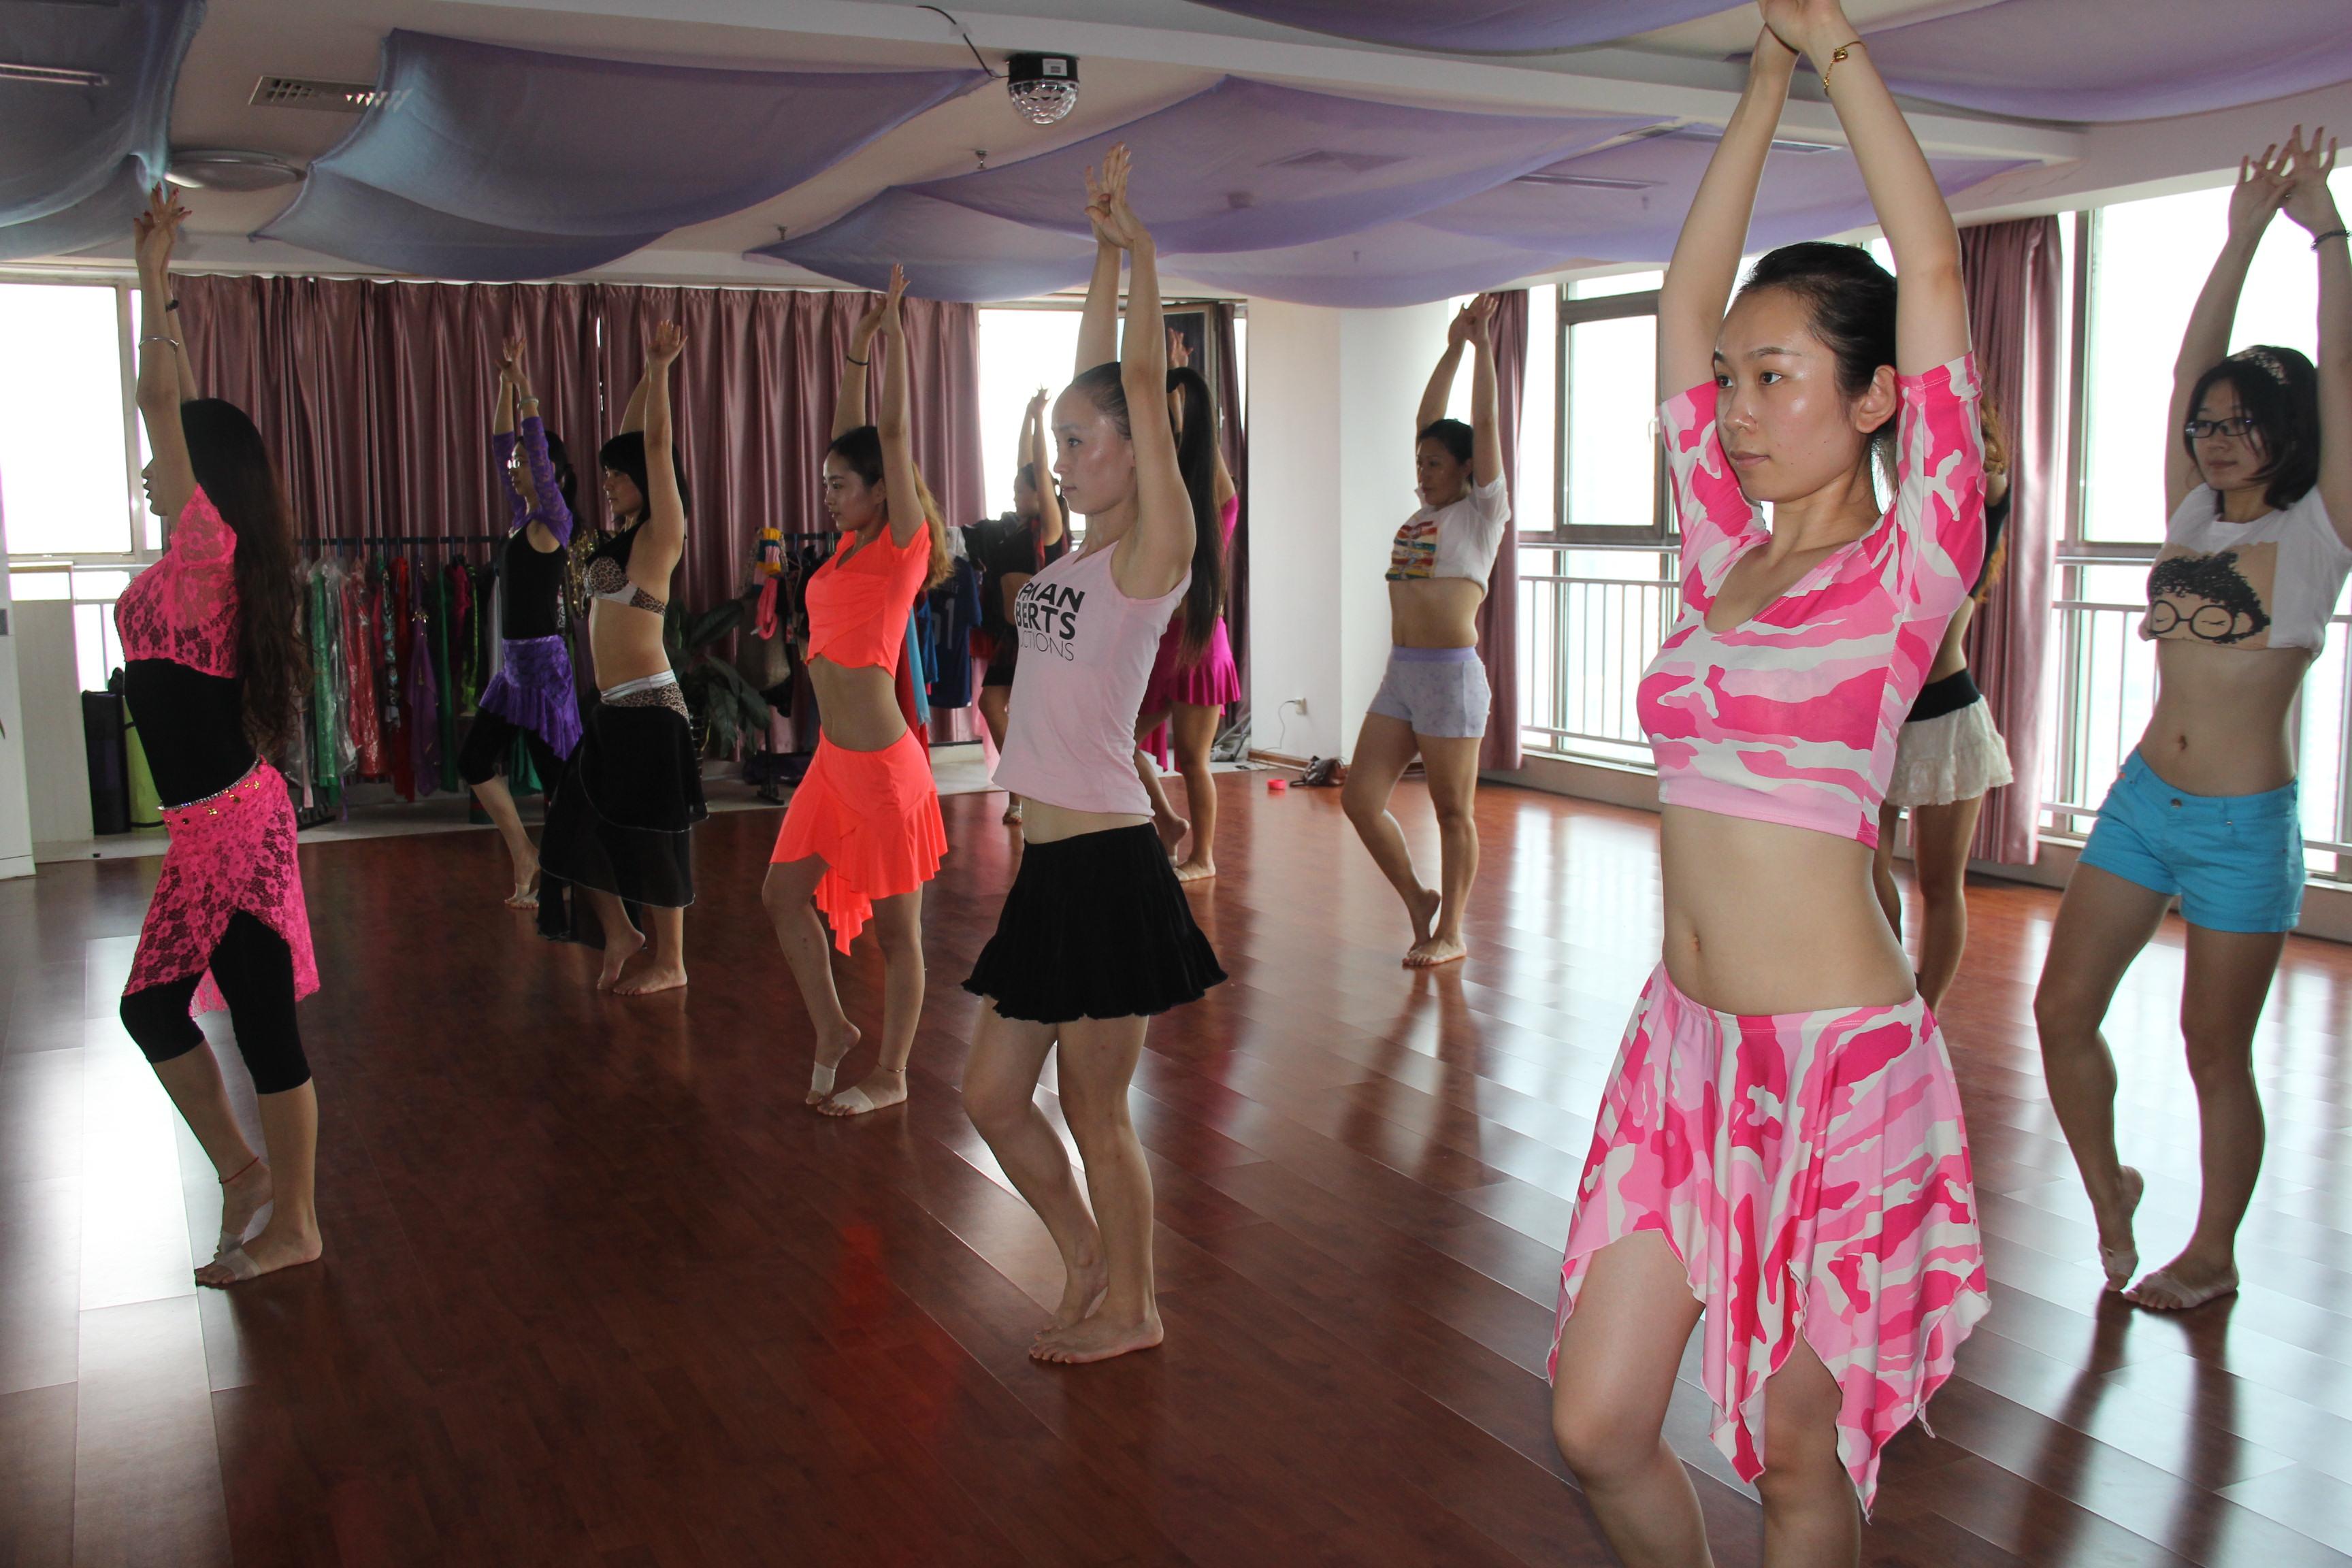 qq人舞蹈视频大全-幼儿舞蹈教学视频大全/幼儿园舞蹈